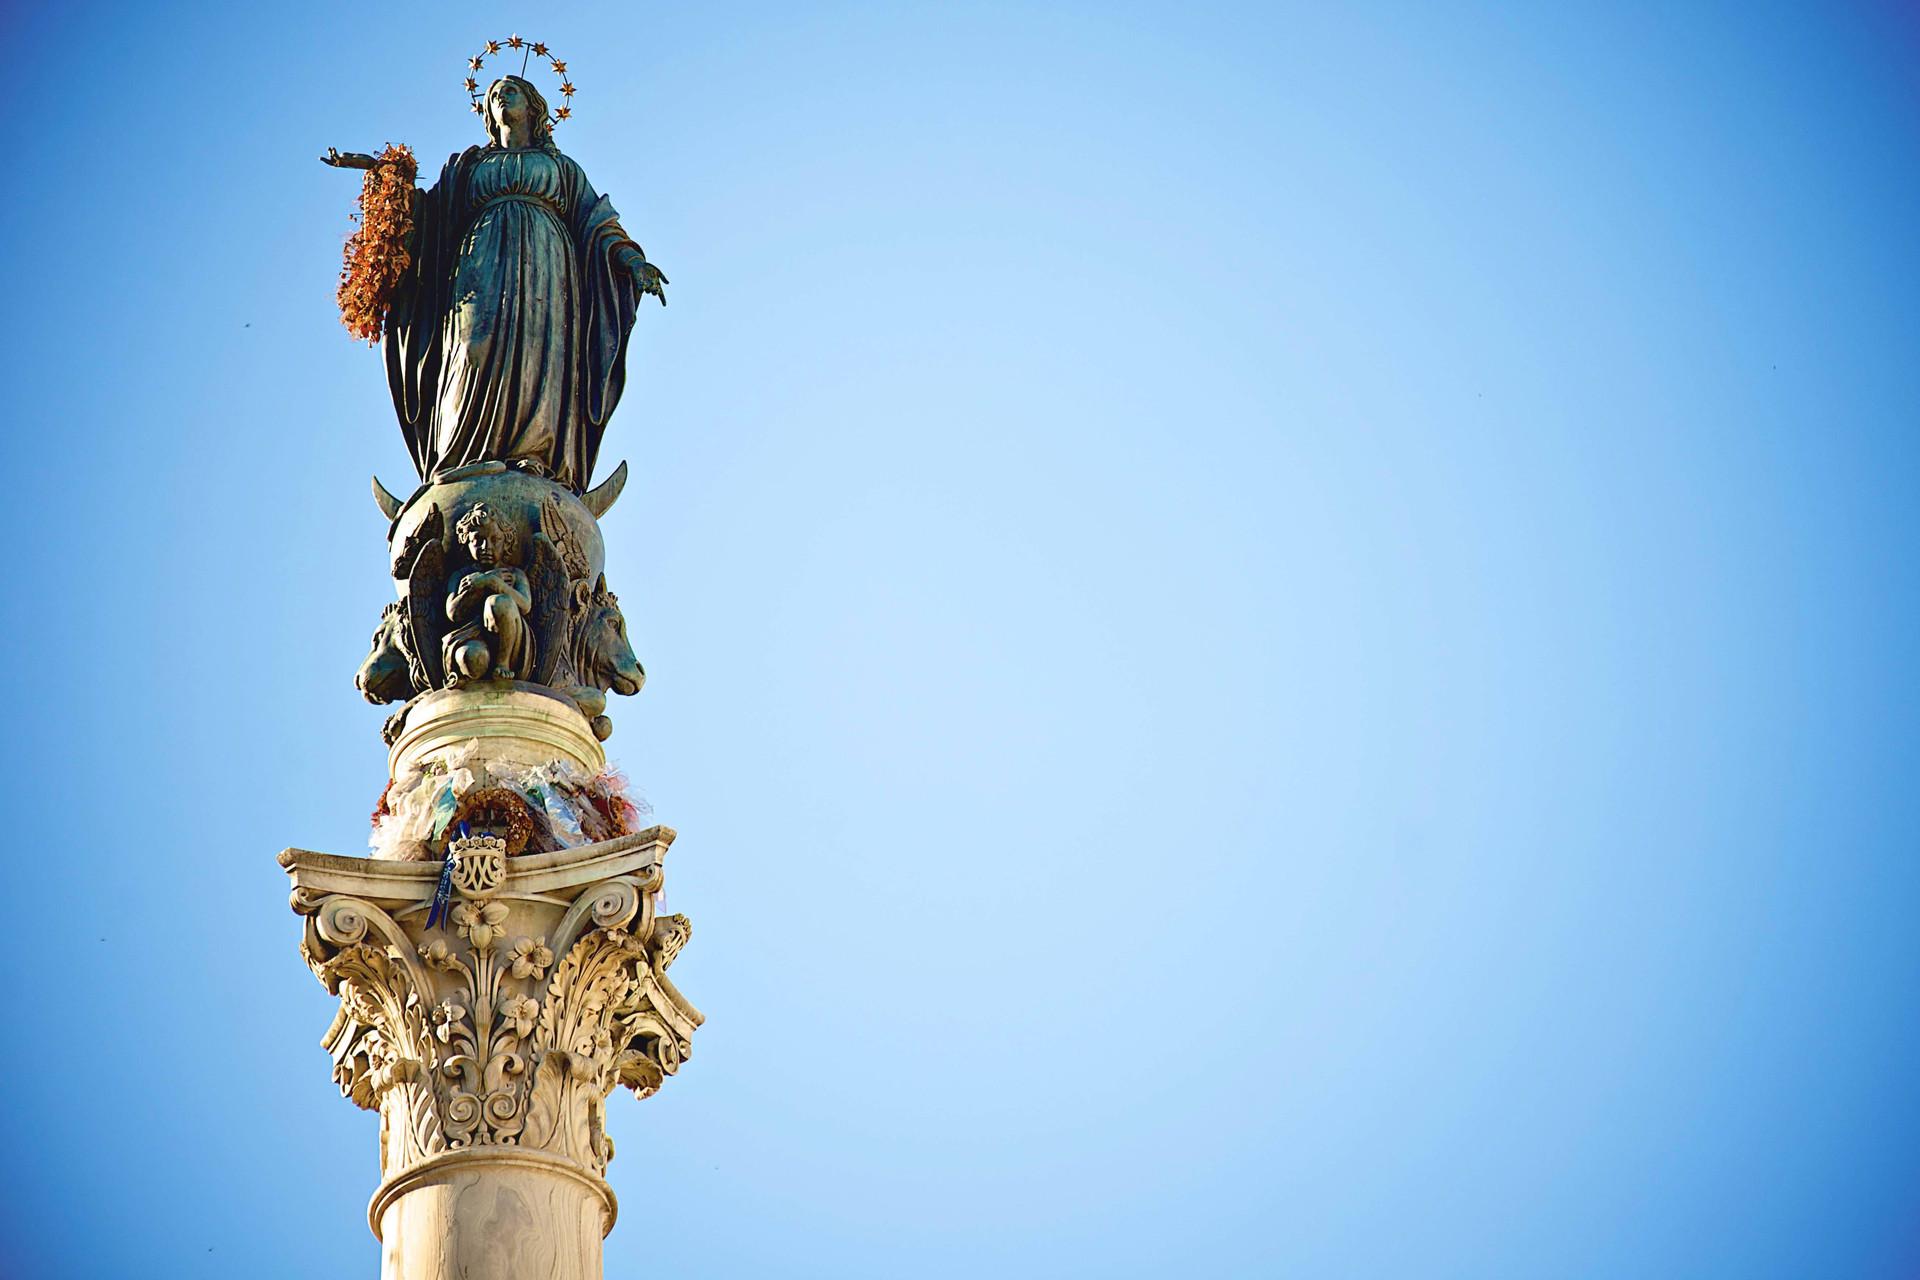 Statue of the Vergin Mary near Piazza di